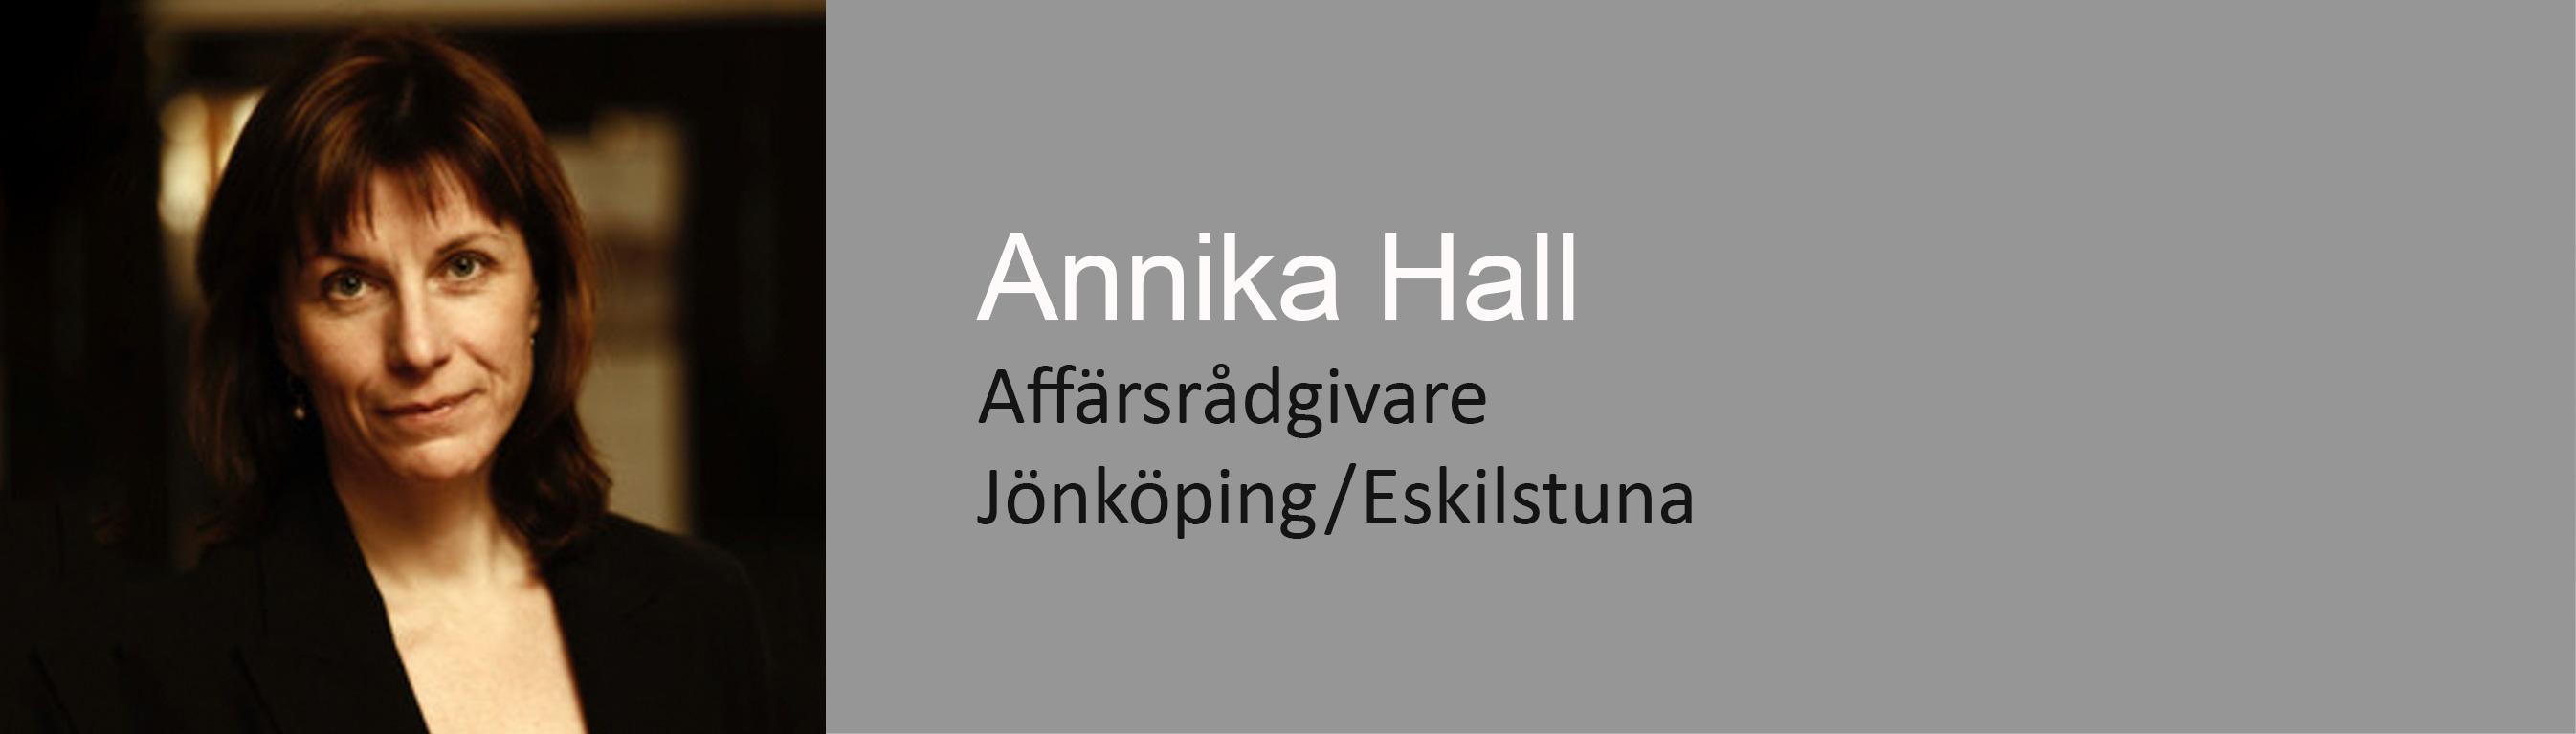 visitkort-affarsradgivare-annika-hall-seniorkonsult-direkt